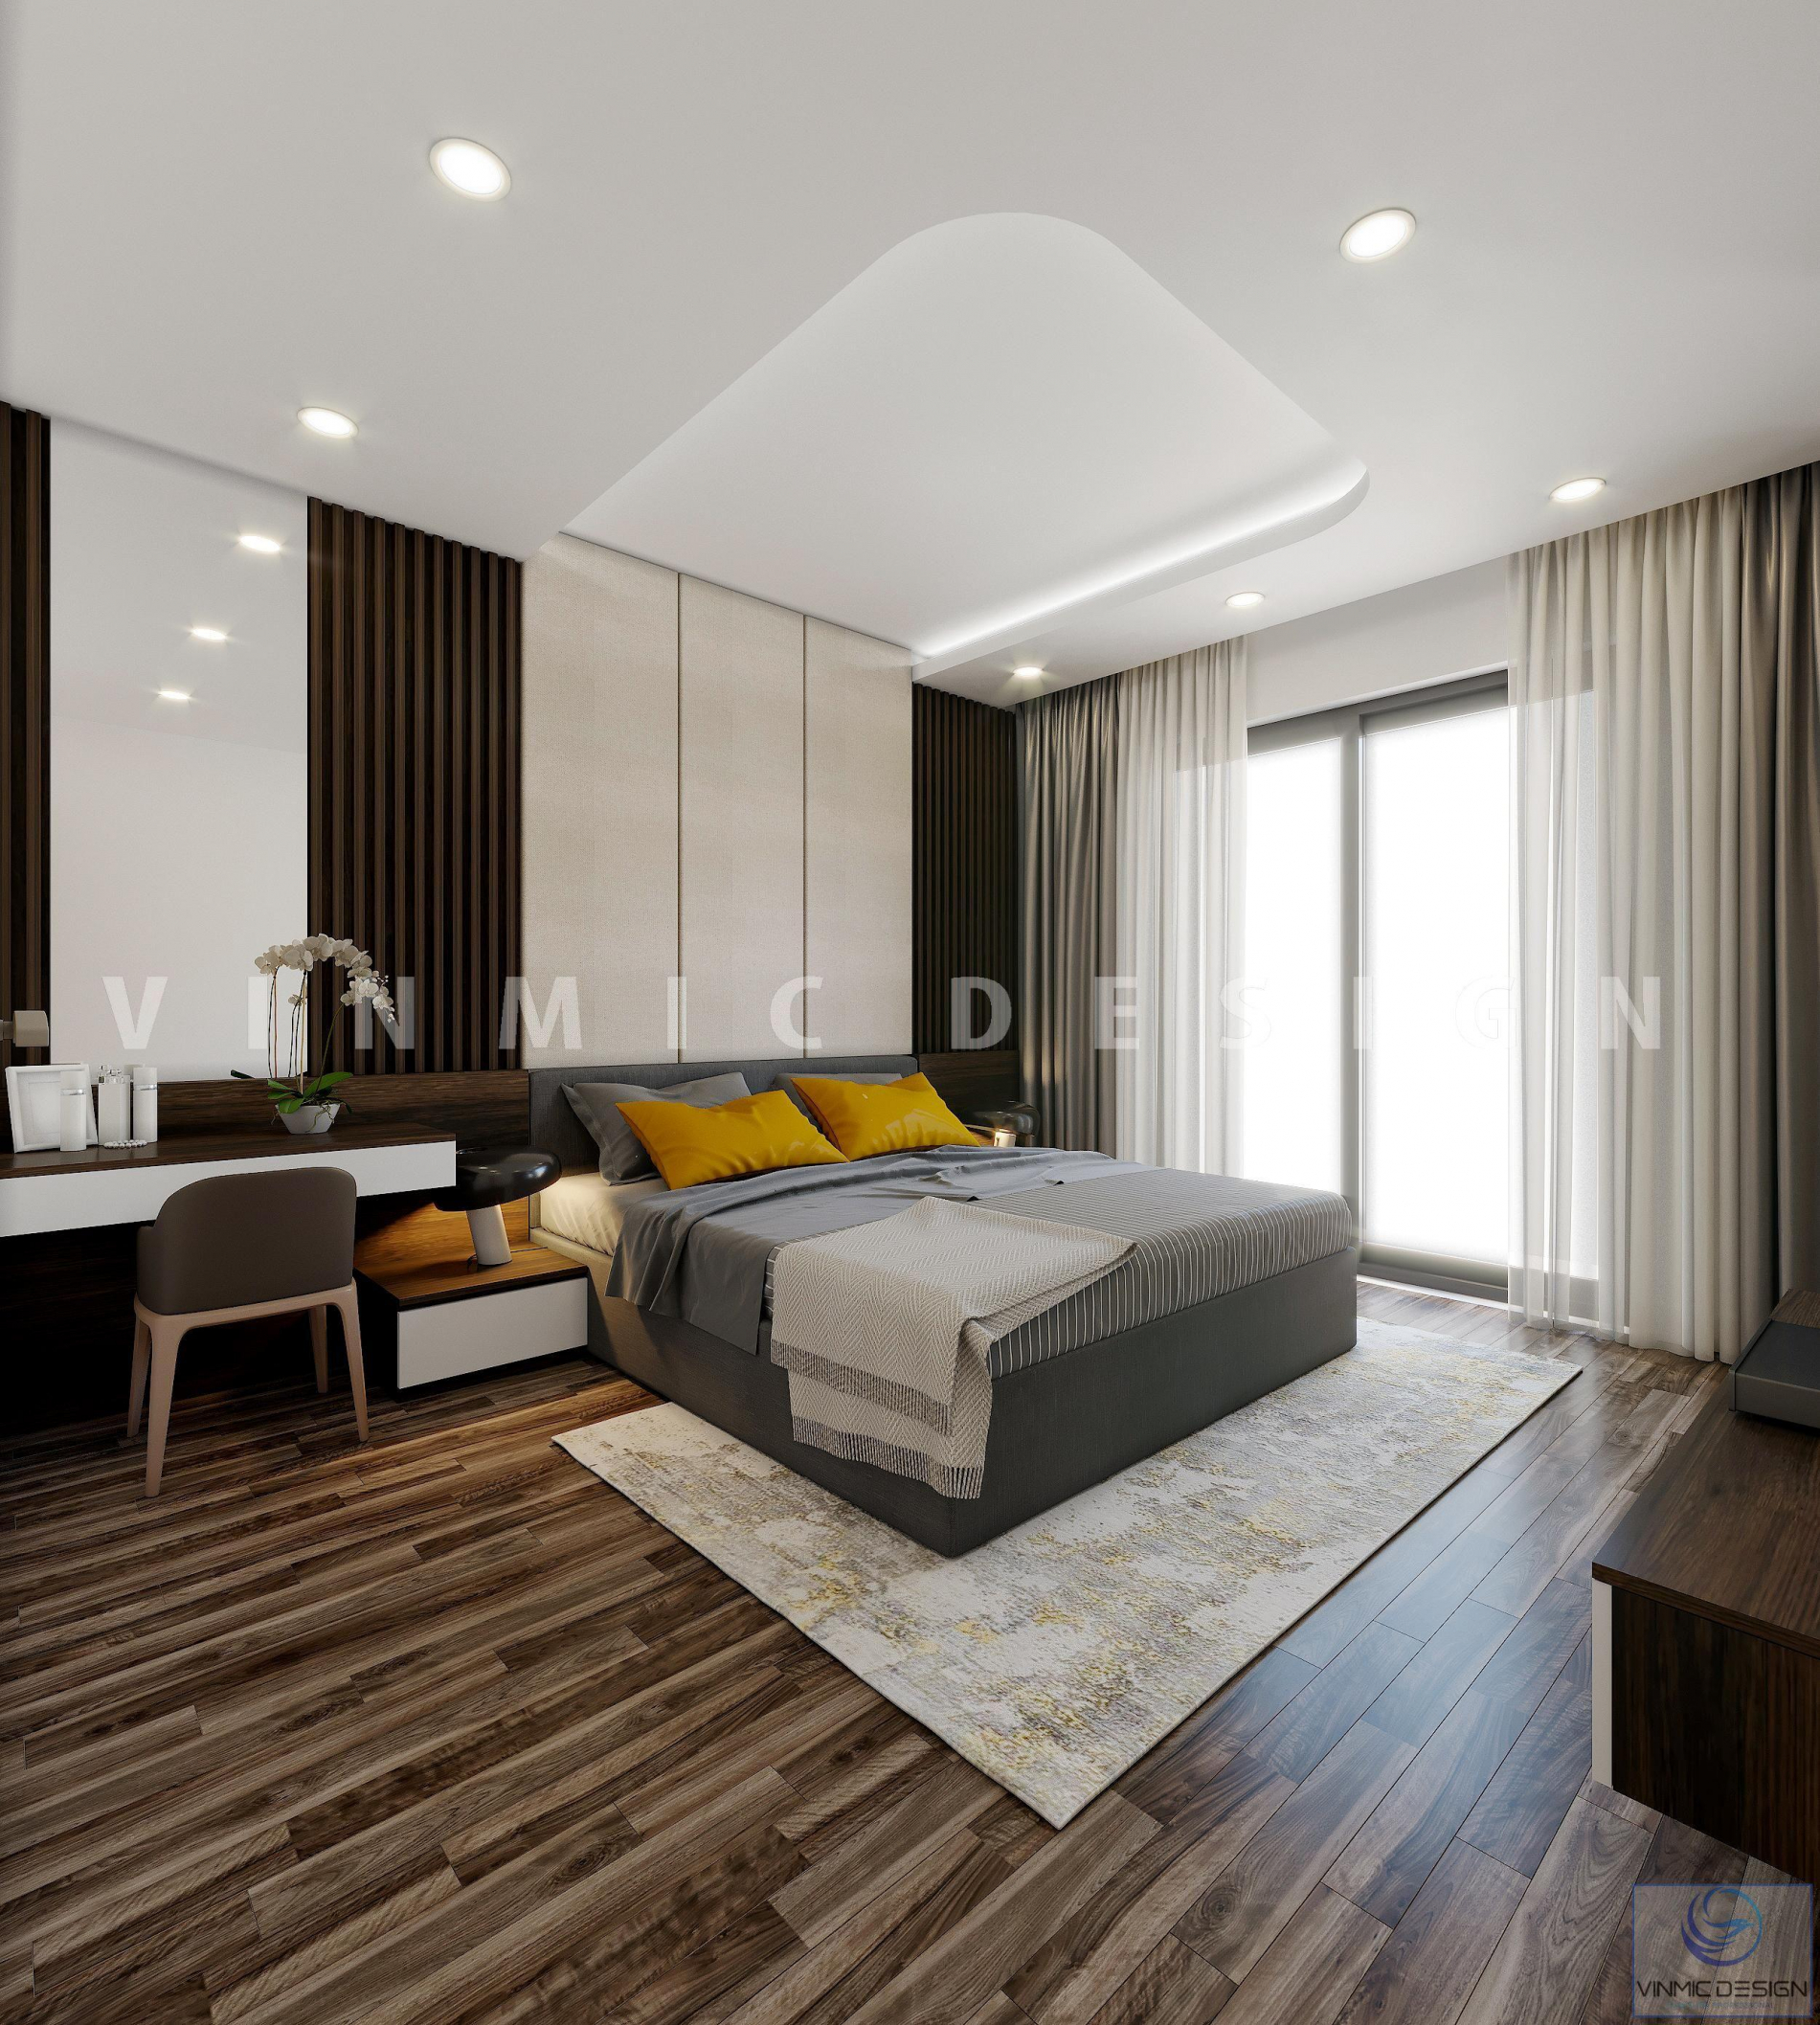 Thiết kế nội thất phòng ngủ master hiện đại, sang trọng tại biệt thự Vinhomes Marina Hải Phòng